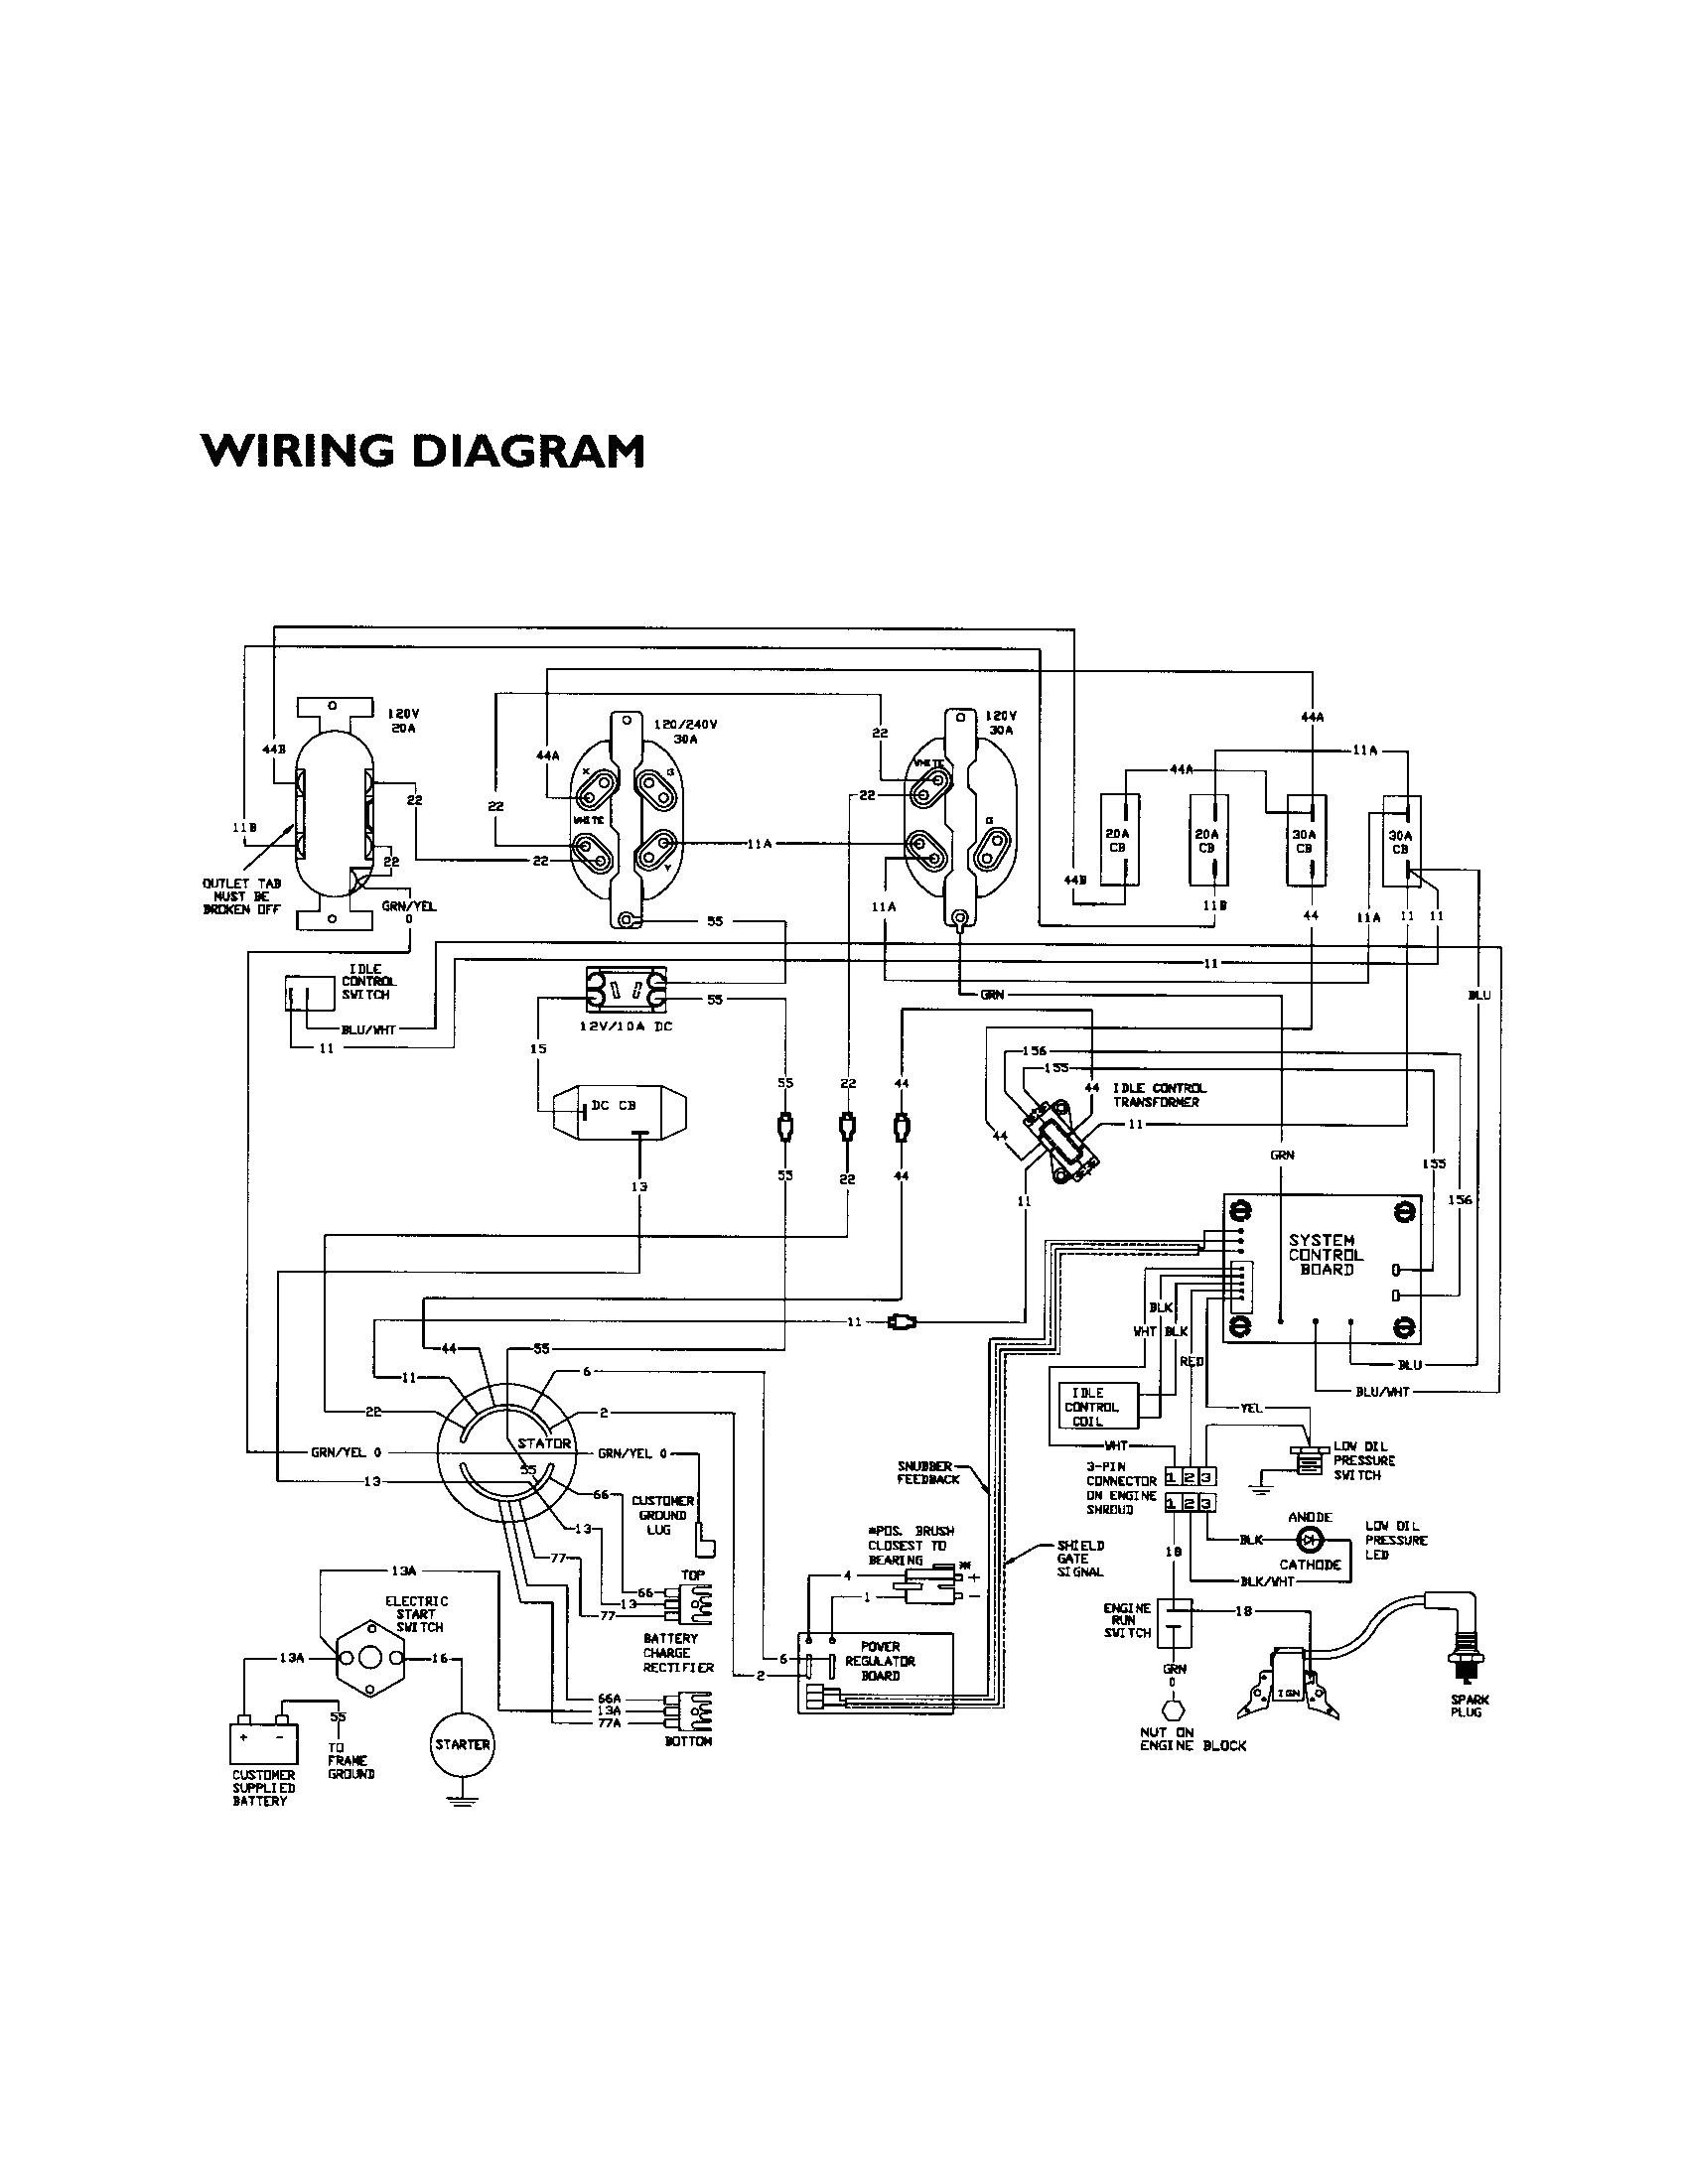 Generac 22kw Wiring Diagram Wiring Diagram Backup Generator Wiring Diagram Database